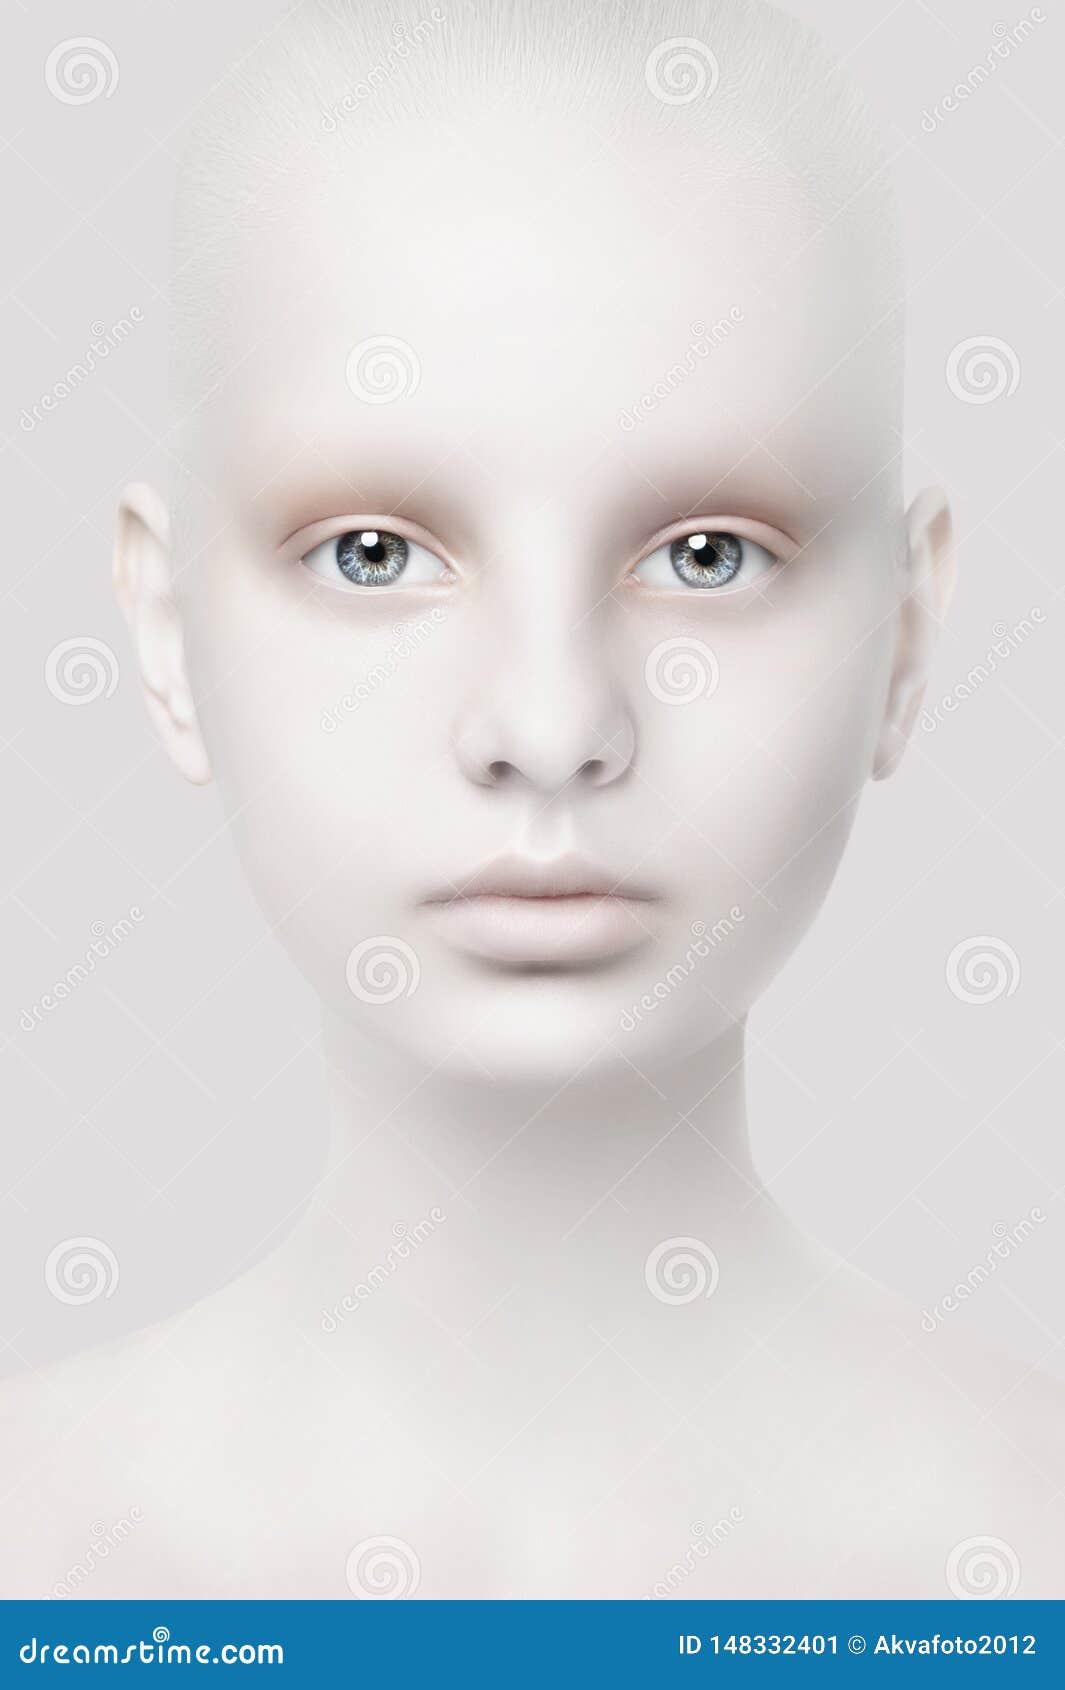 Ungewöhnliches Porträt eines jungen Mädchens Fantastischer Auftritt Wei?e Haut Hauptnahaufnahme